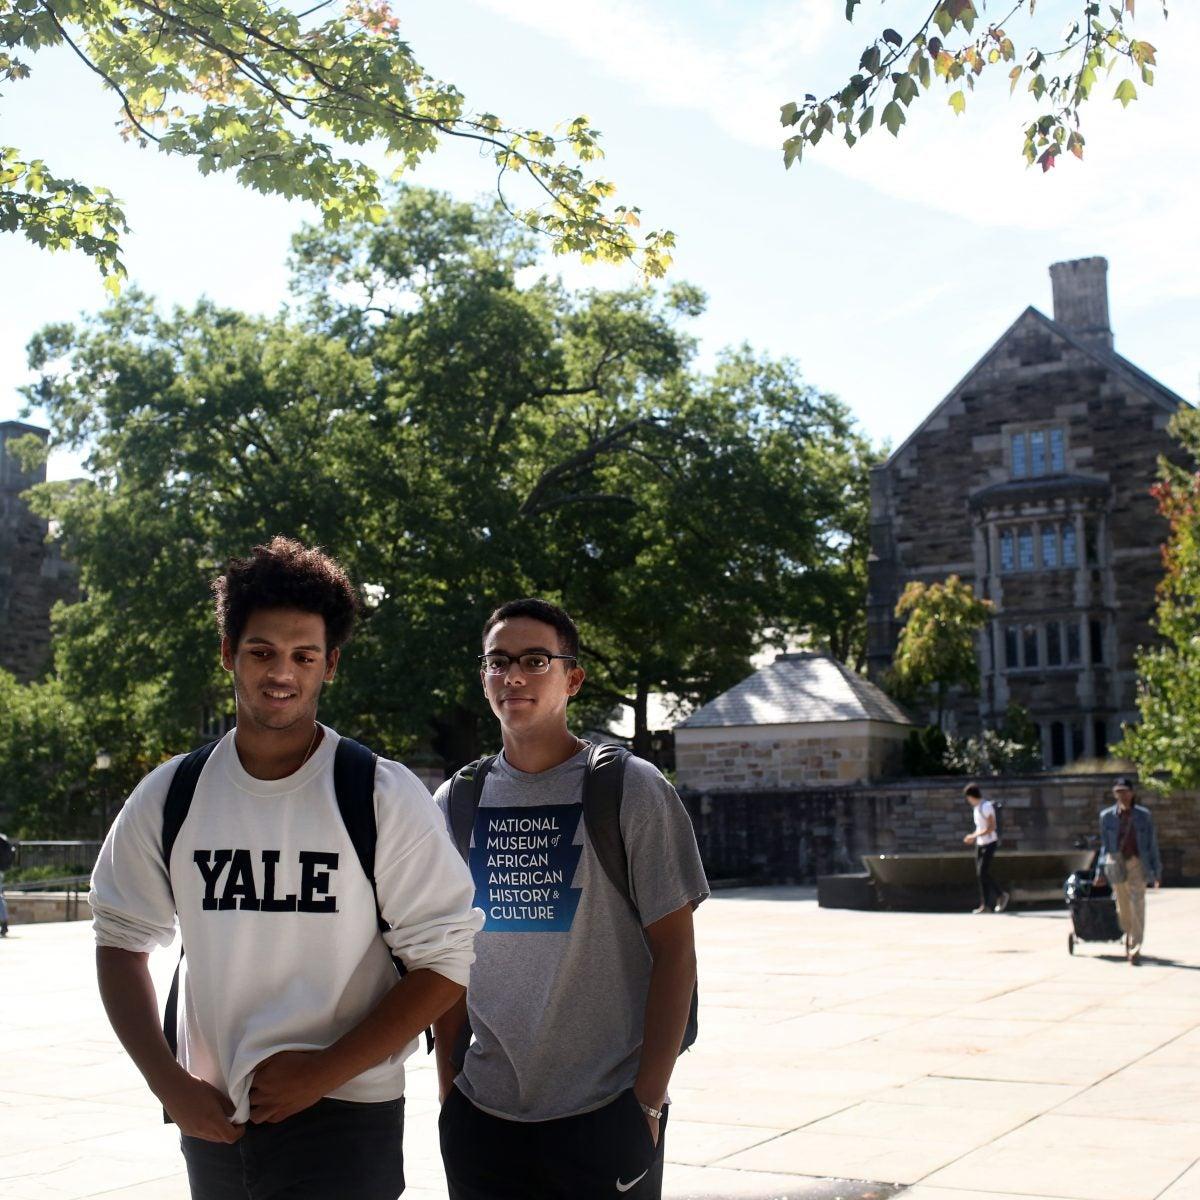 DOJ Dismisses Discrimination Case Against Yale University